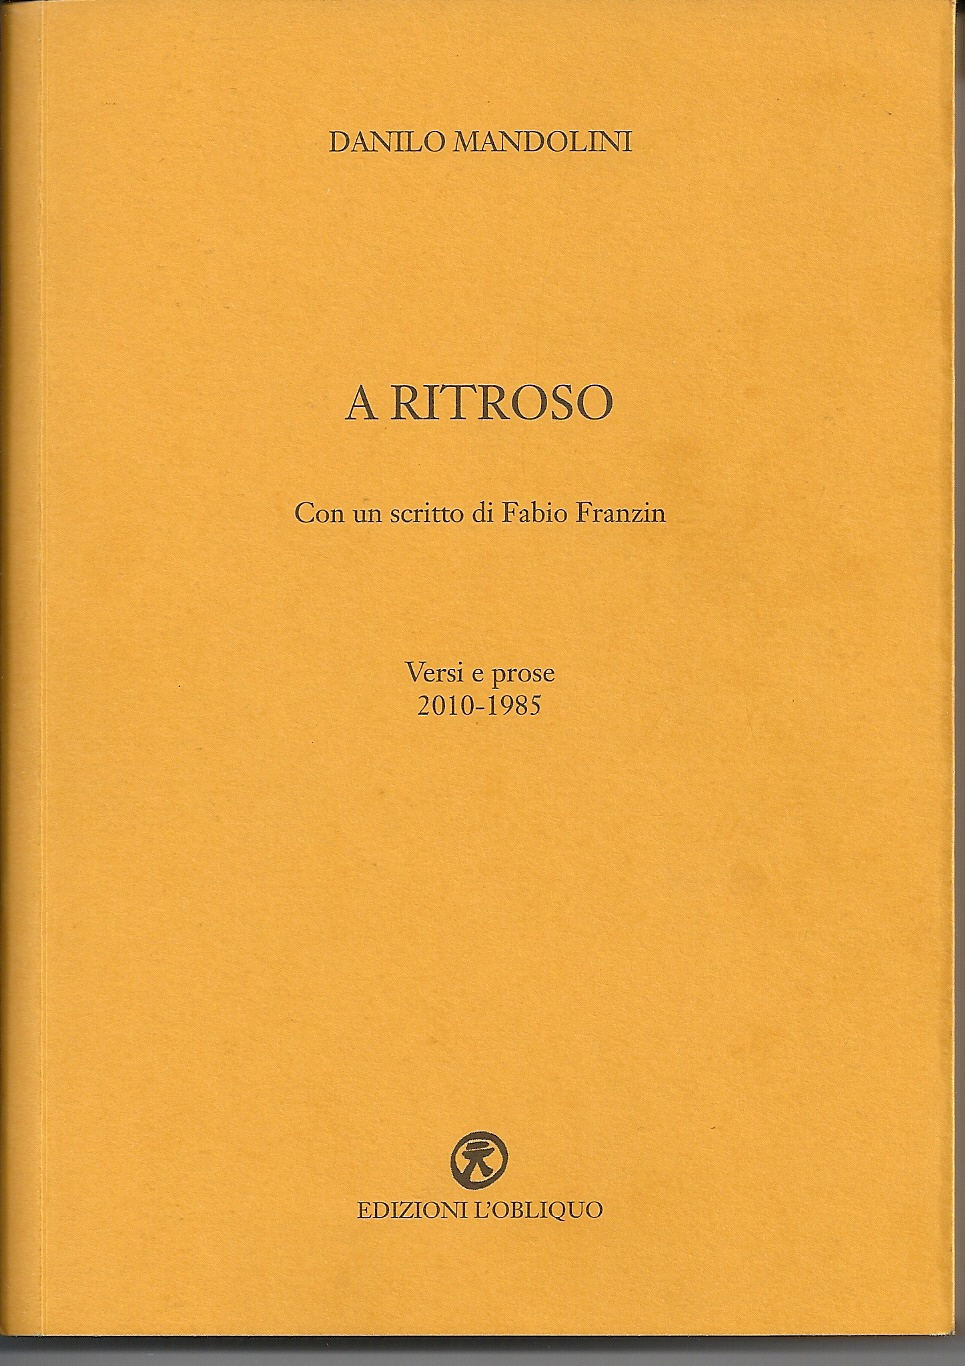 A ritroso di Danilo Mandolini, edizioni L'obliquo, Brescia 2013